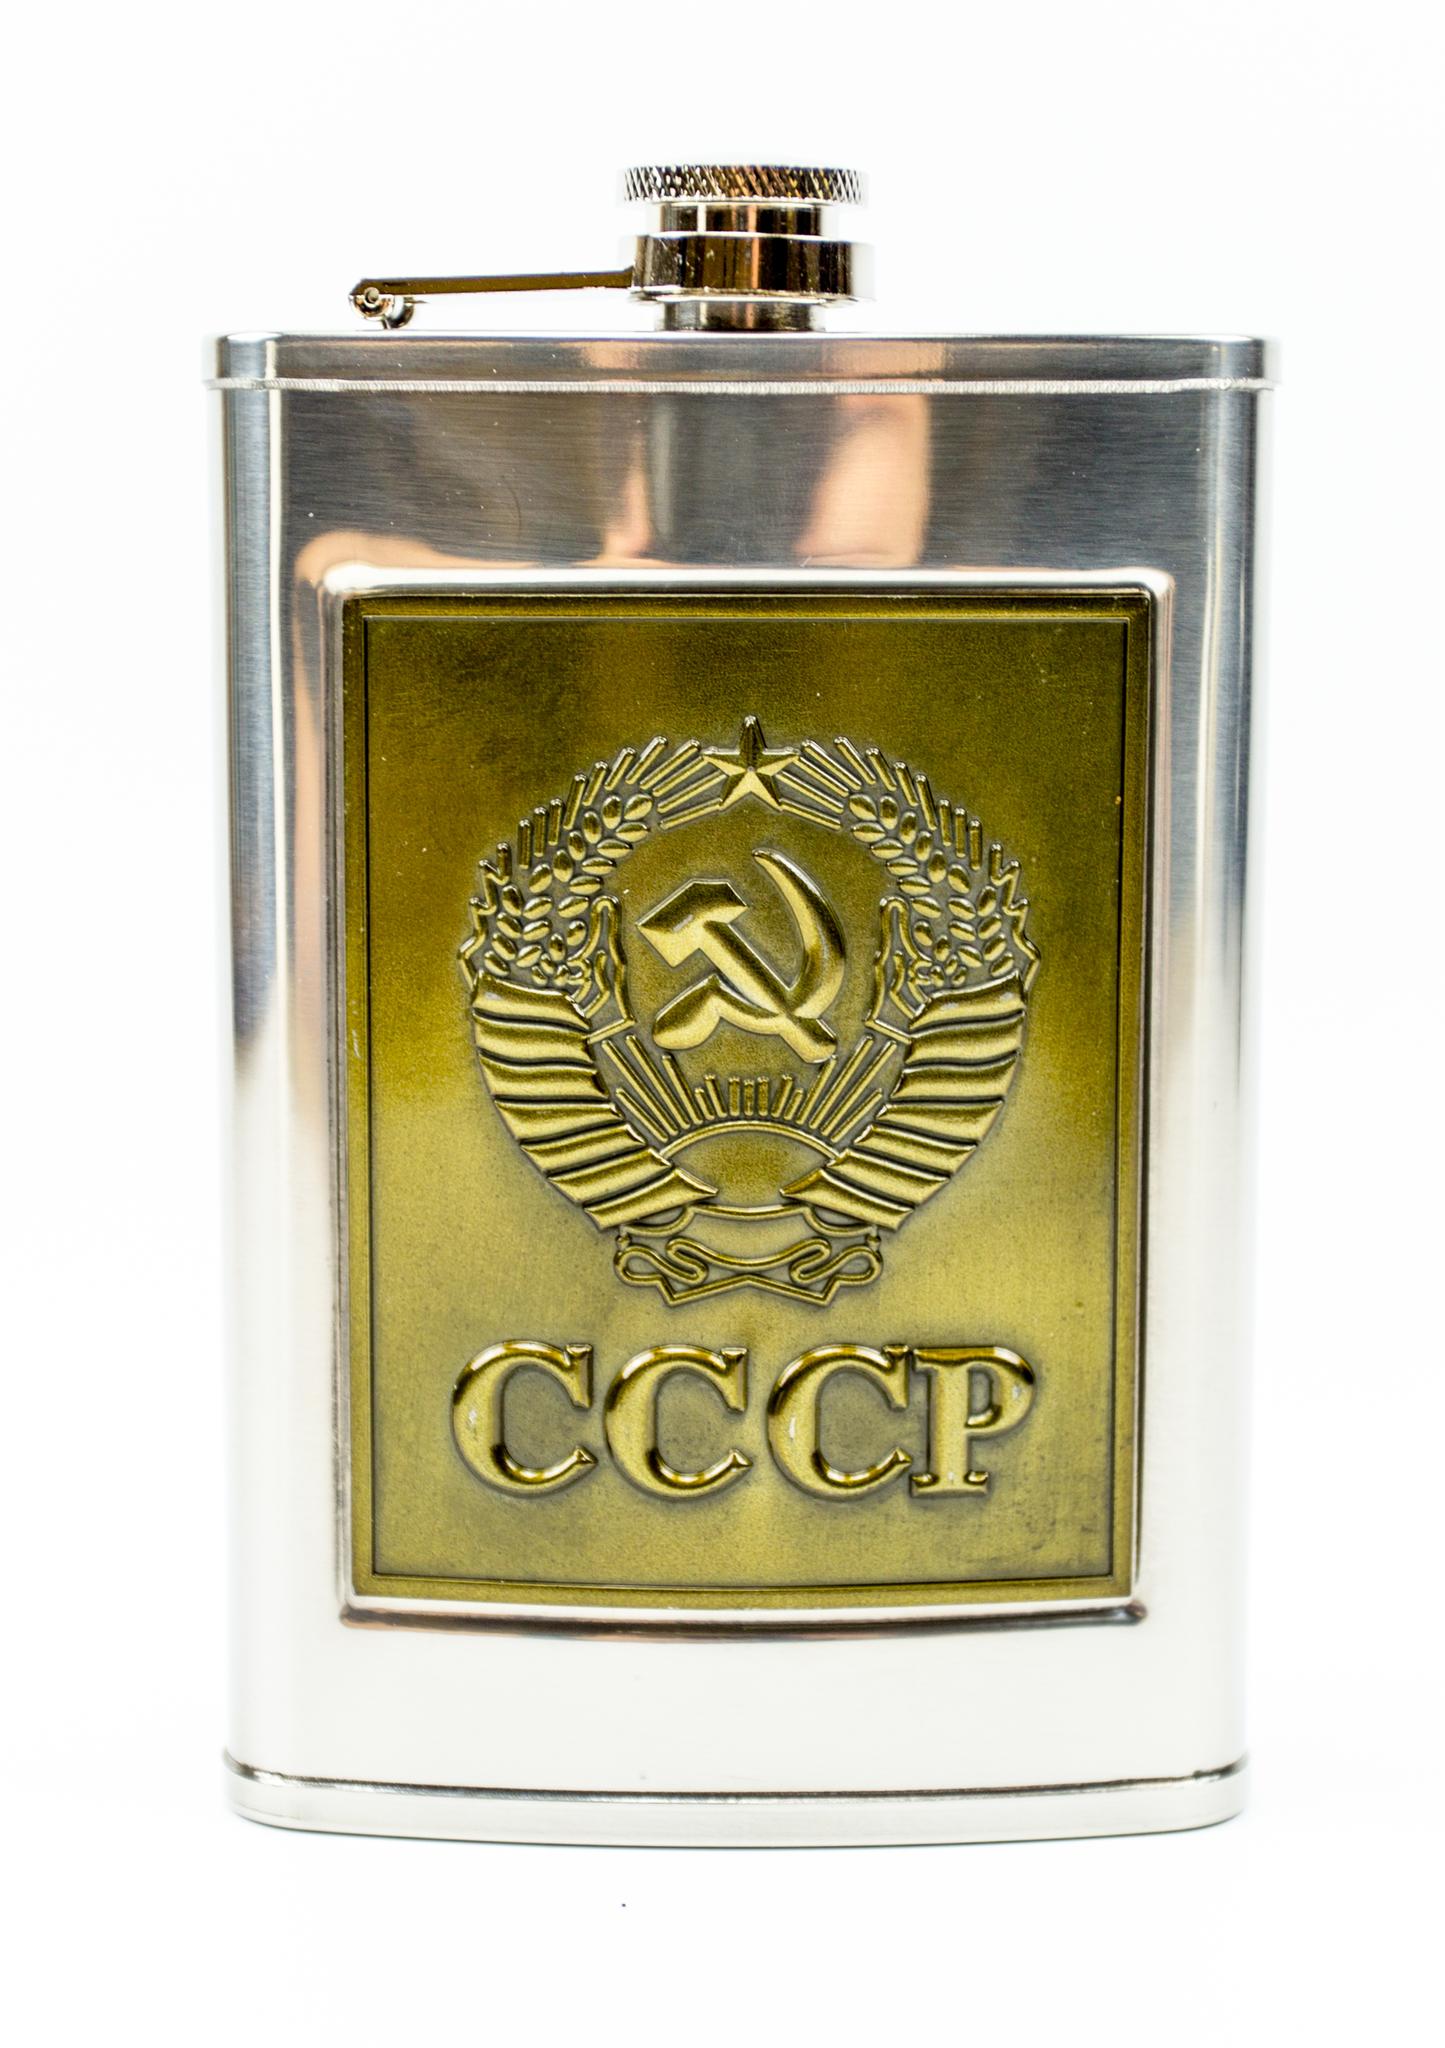 Фляжка СССР, 270 мл фляжка сухой закон 270 мл